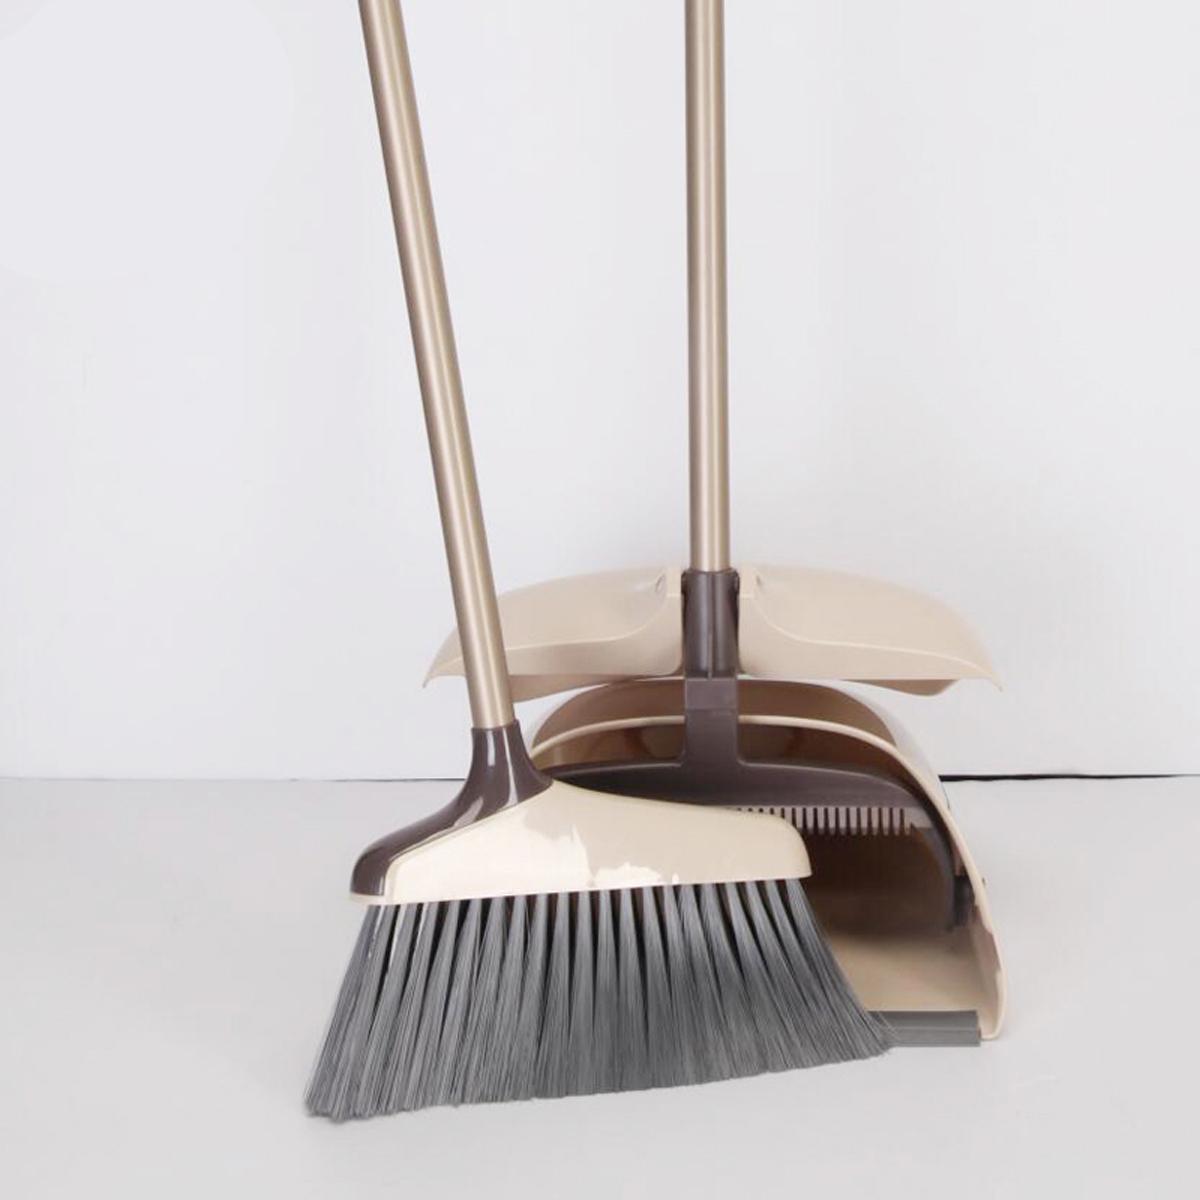 """Набор для подметания Boomjoy """"Magic Cleaning Broom"""" с защитой от разлетания легких частиц при ветре. Вращающееся метла на 180 градусов облегчит процесс уборки в трудно доступных места.  Размер метлы: 25,5 х 88 см.  Совок для мусора: 25,5 х 26 х 85 см."""